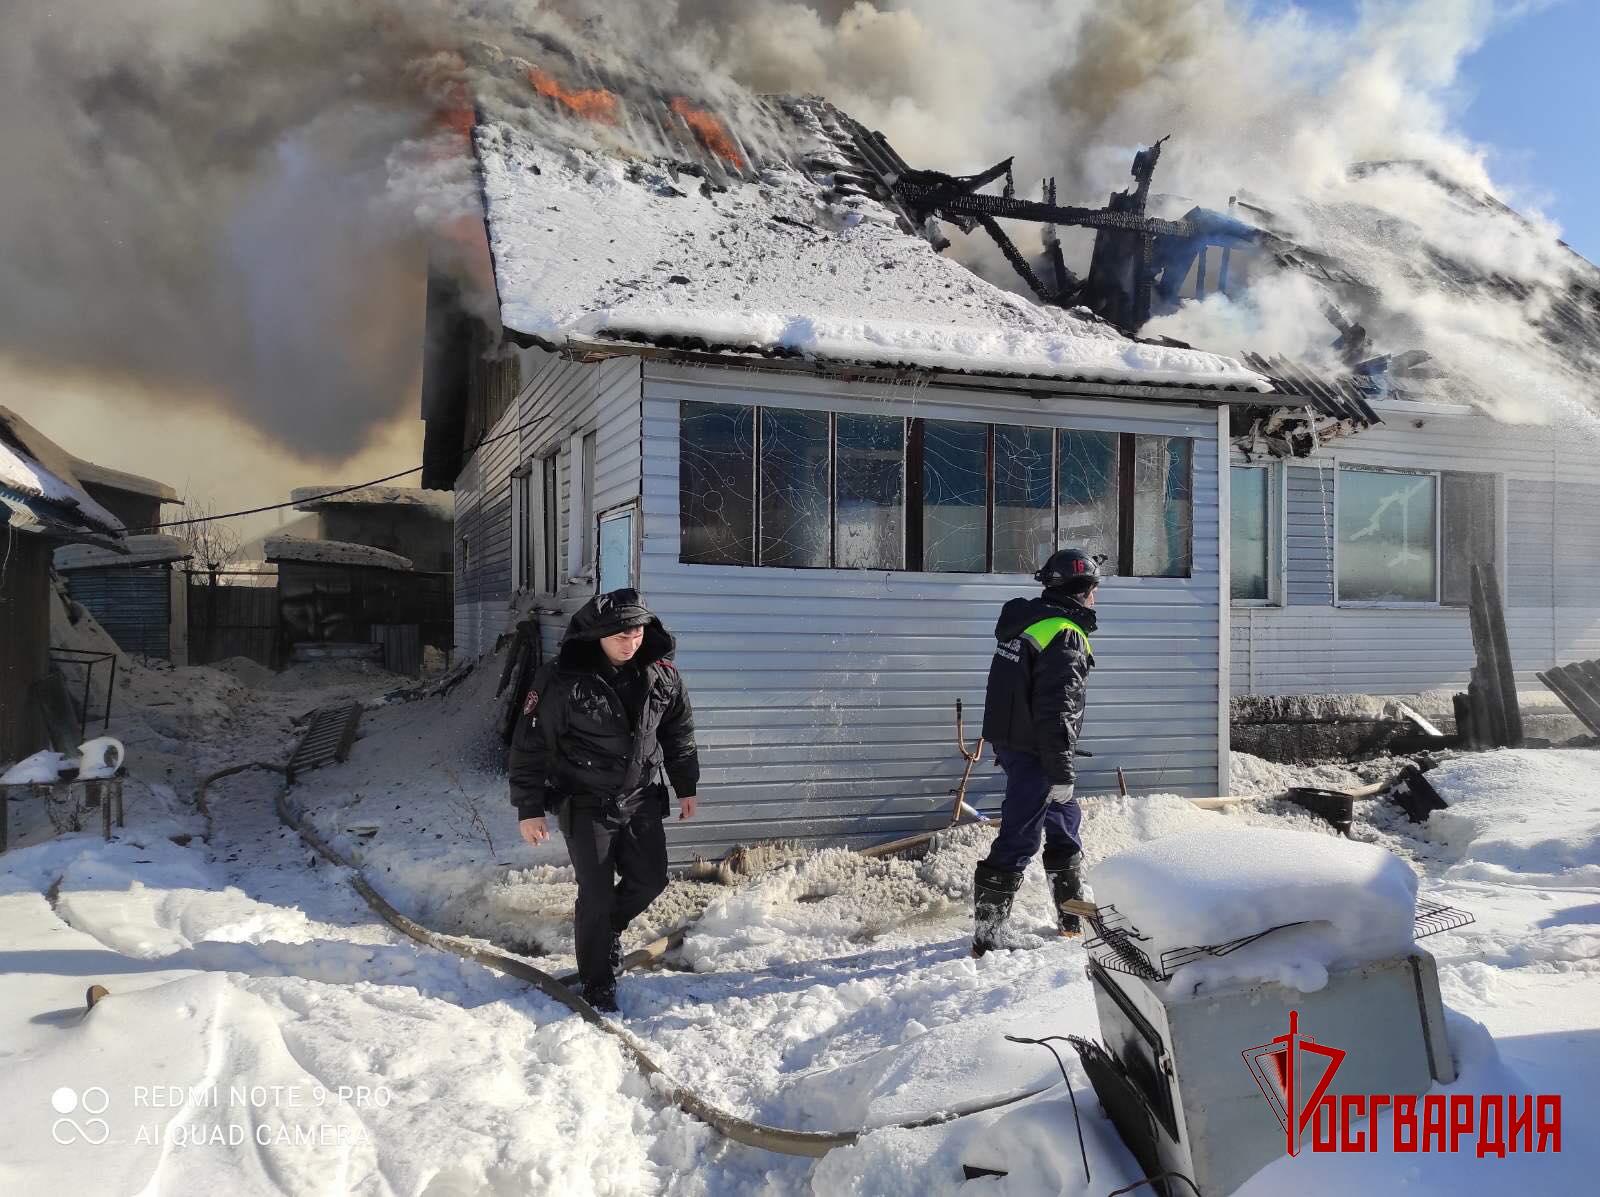 Сотрудники Росгвардии спасли на пожаре пожилого жителя Югры